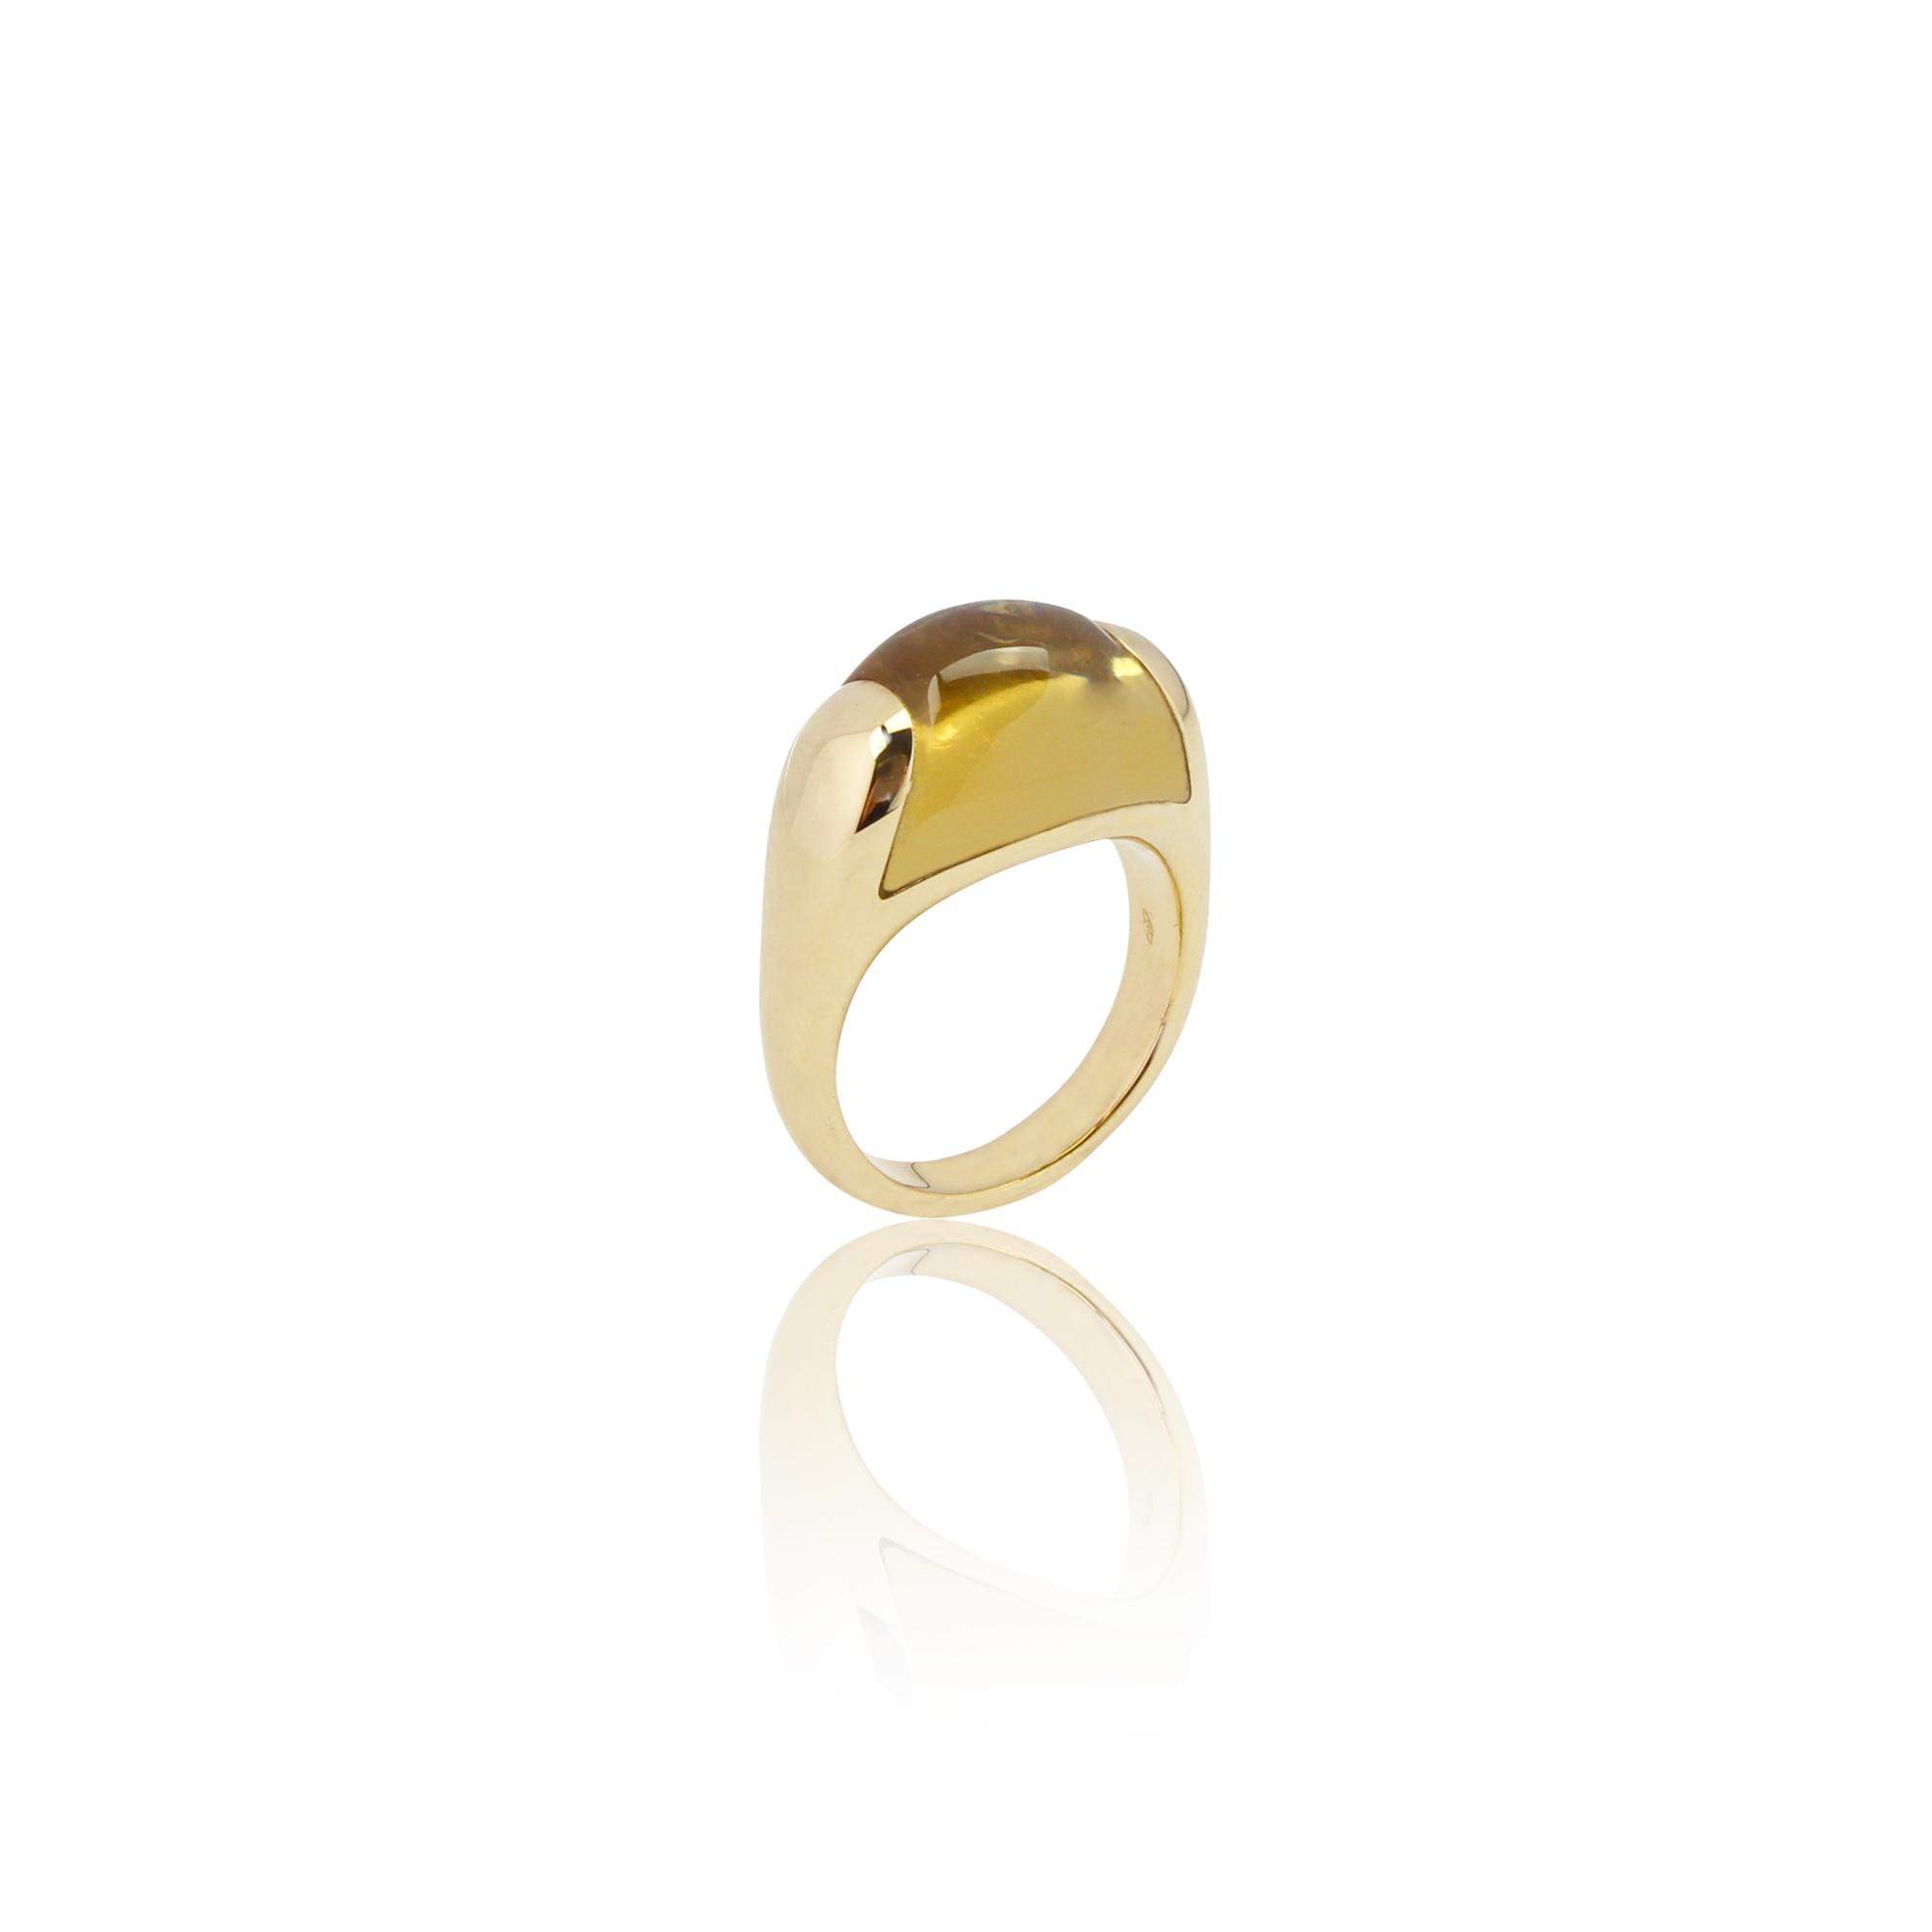 Anello paradiso 1209 citrinoe in oro giallo 18 carati con onyce verde